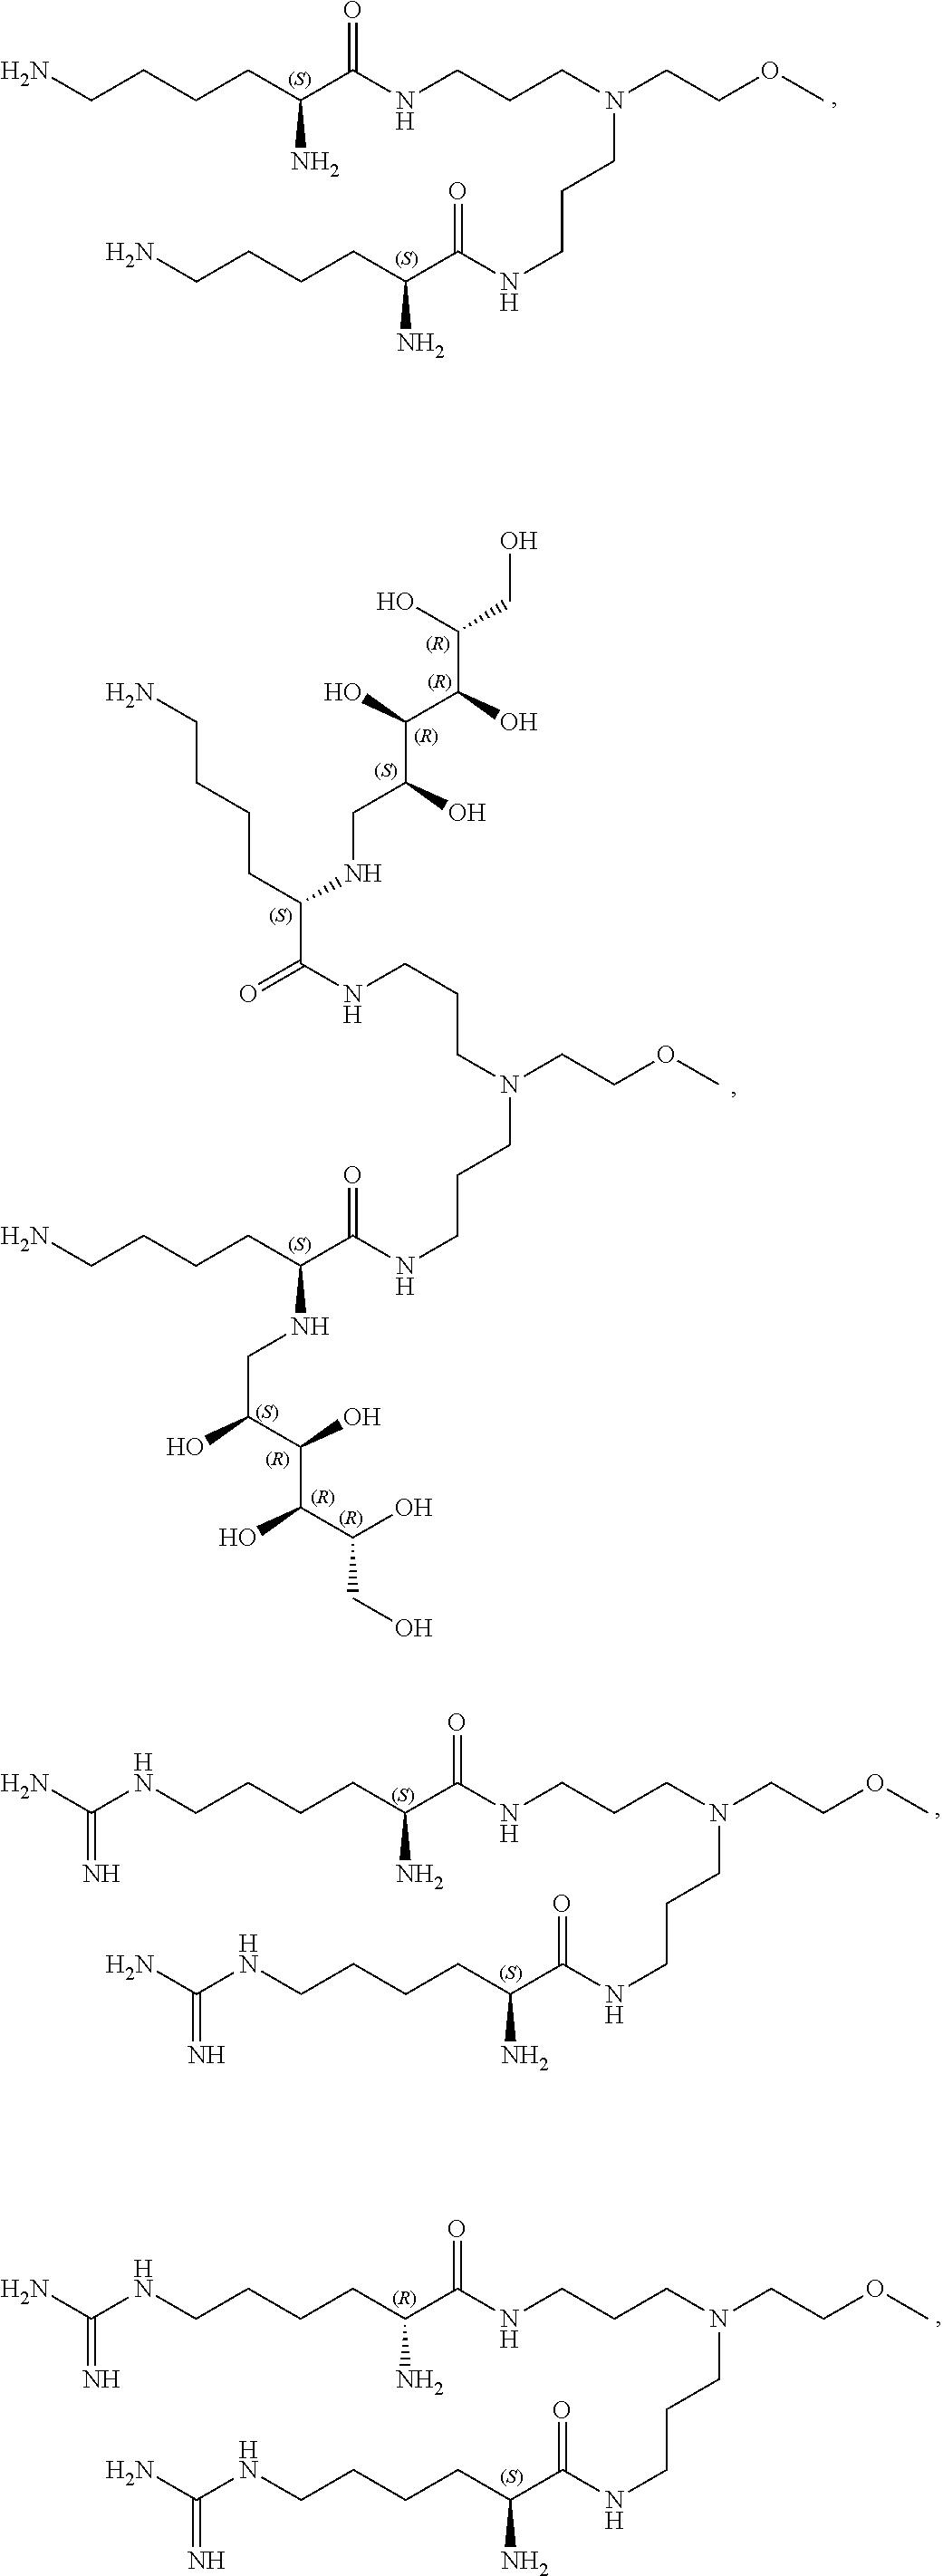 Figure US08980898-20150317-C00026